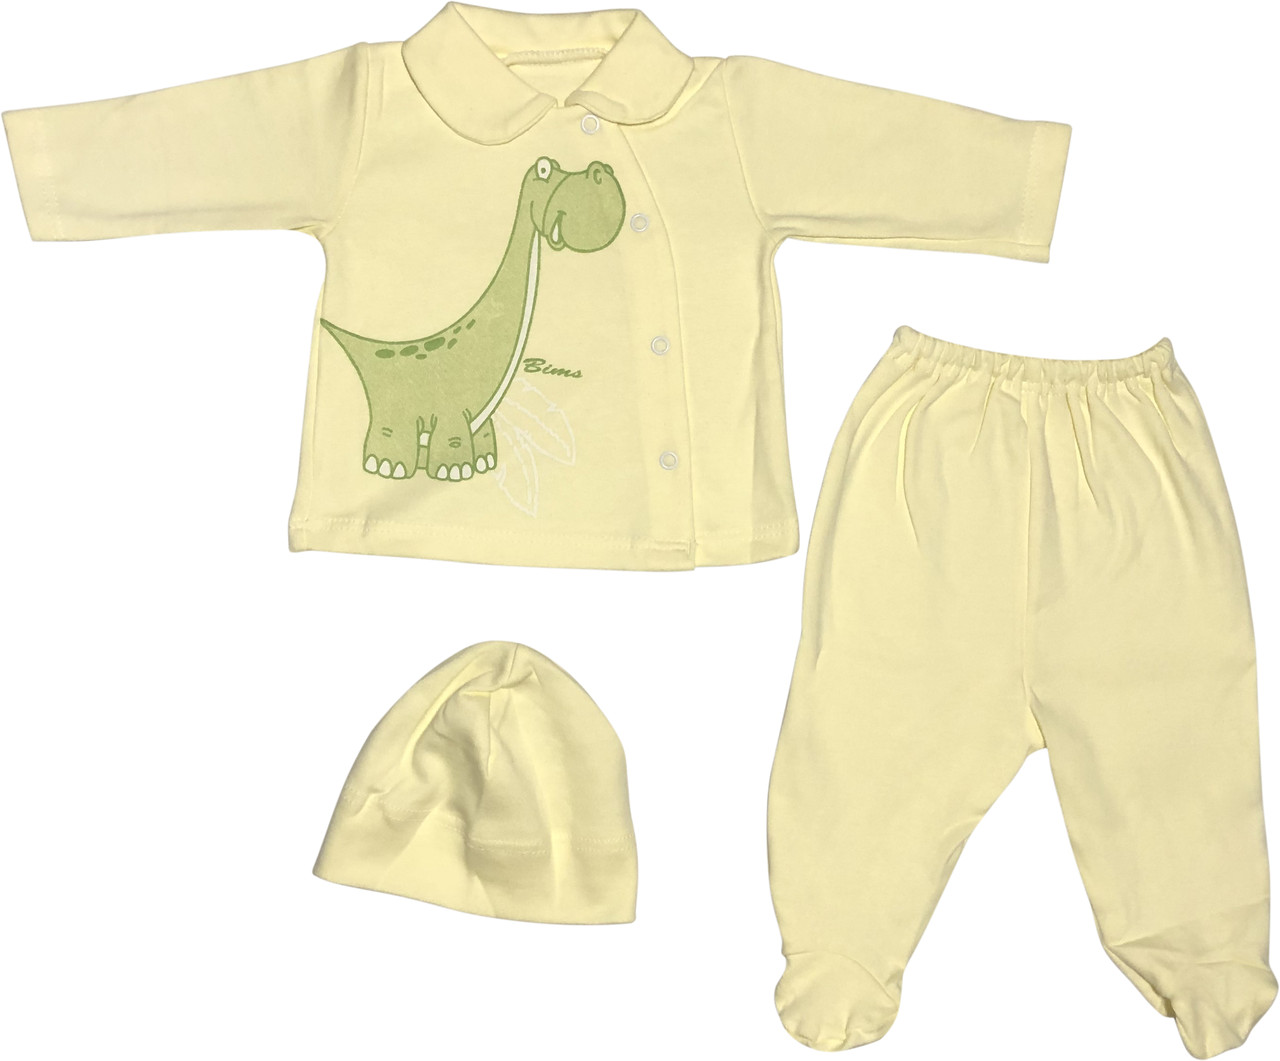 Костюм для новорожденных малышей рост 68 3-6 мес на мальчика девочку комплект детский трикотажный жёлтый